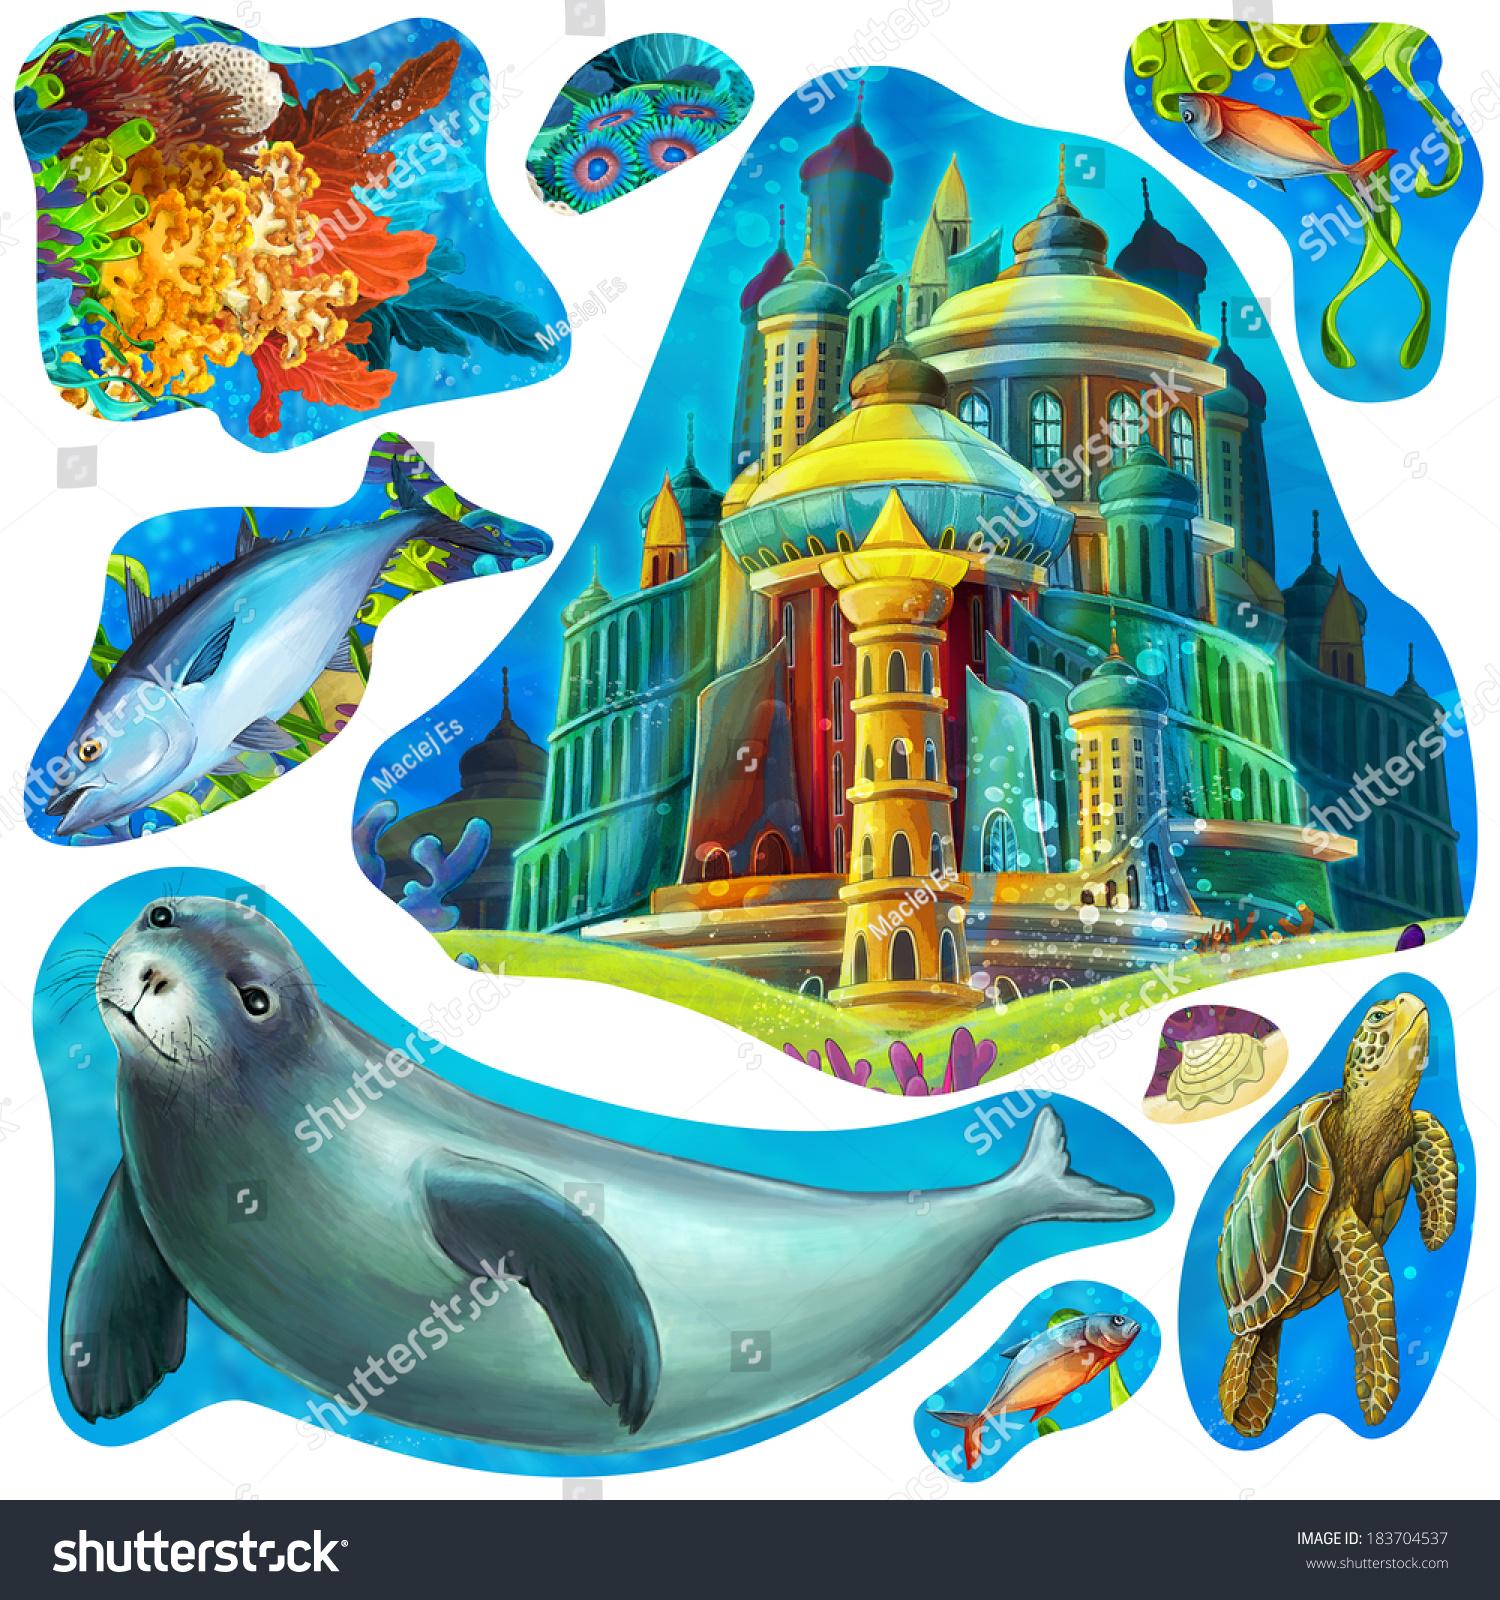 卡通元素的珊瑚礁和童话故事——儿童-动物/野生生物